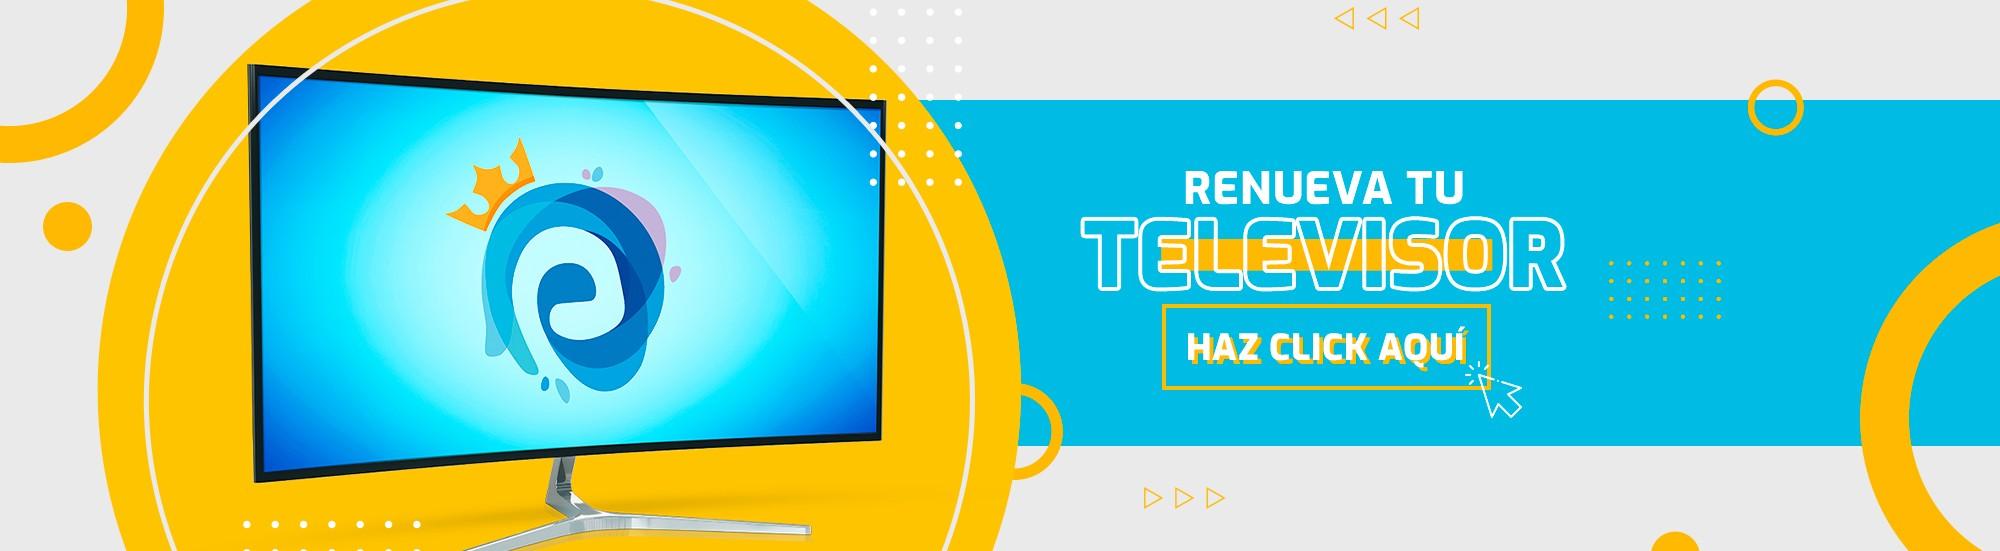 Renueva tu televisor con alguna de nuestras fantásticas opciones al mejor precio